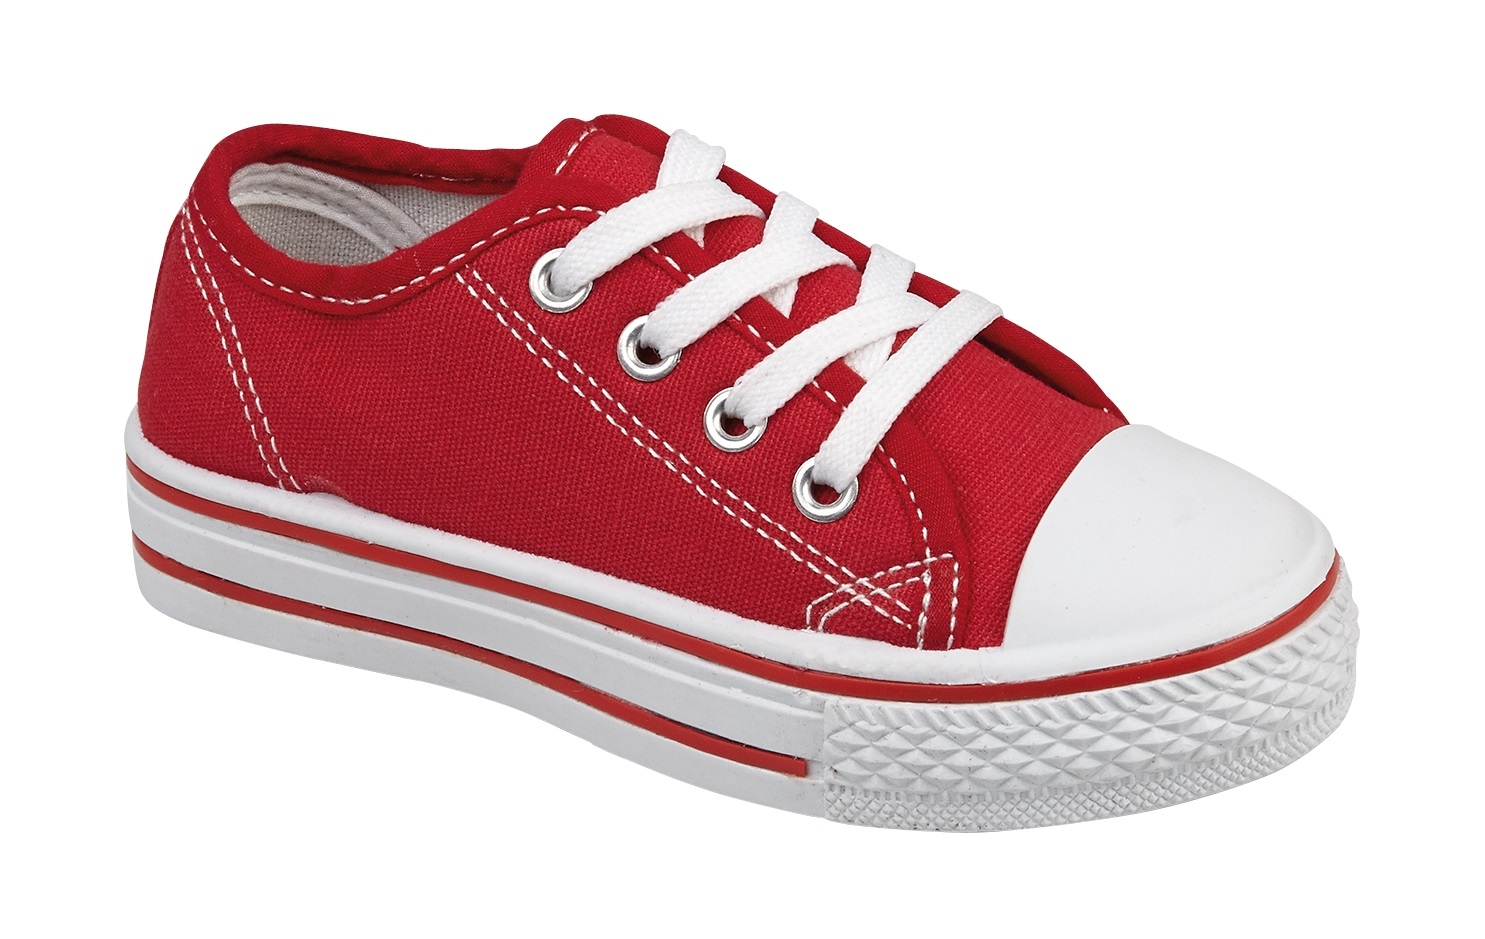 Infant Tennis Shoes Size